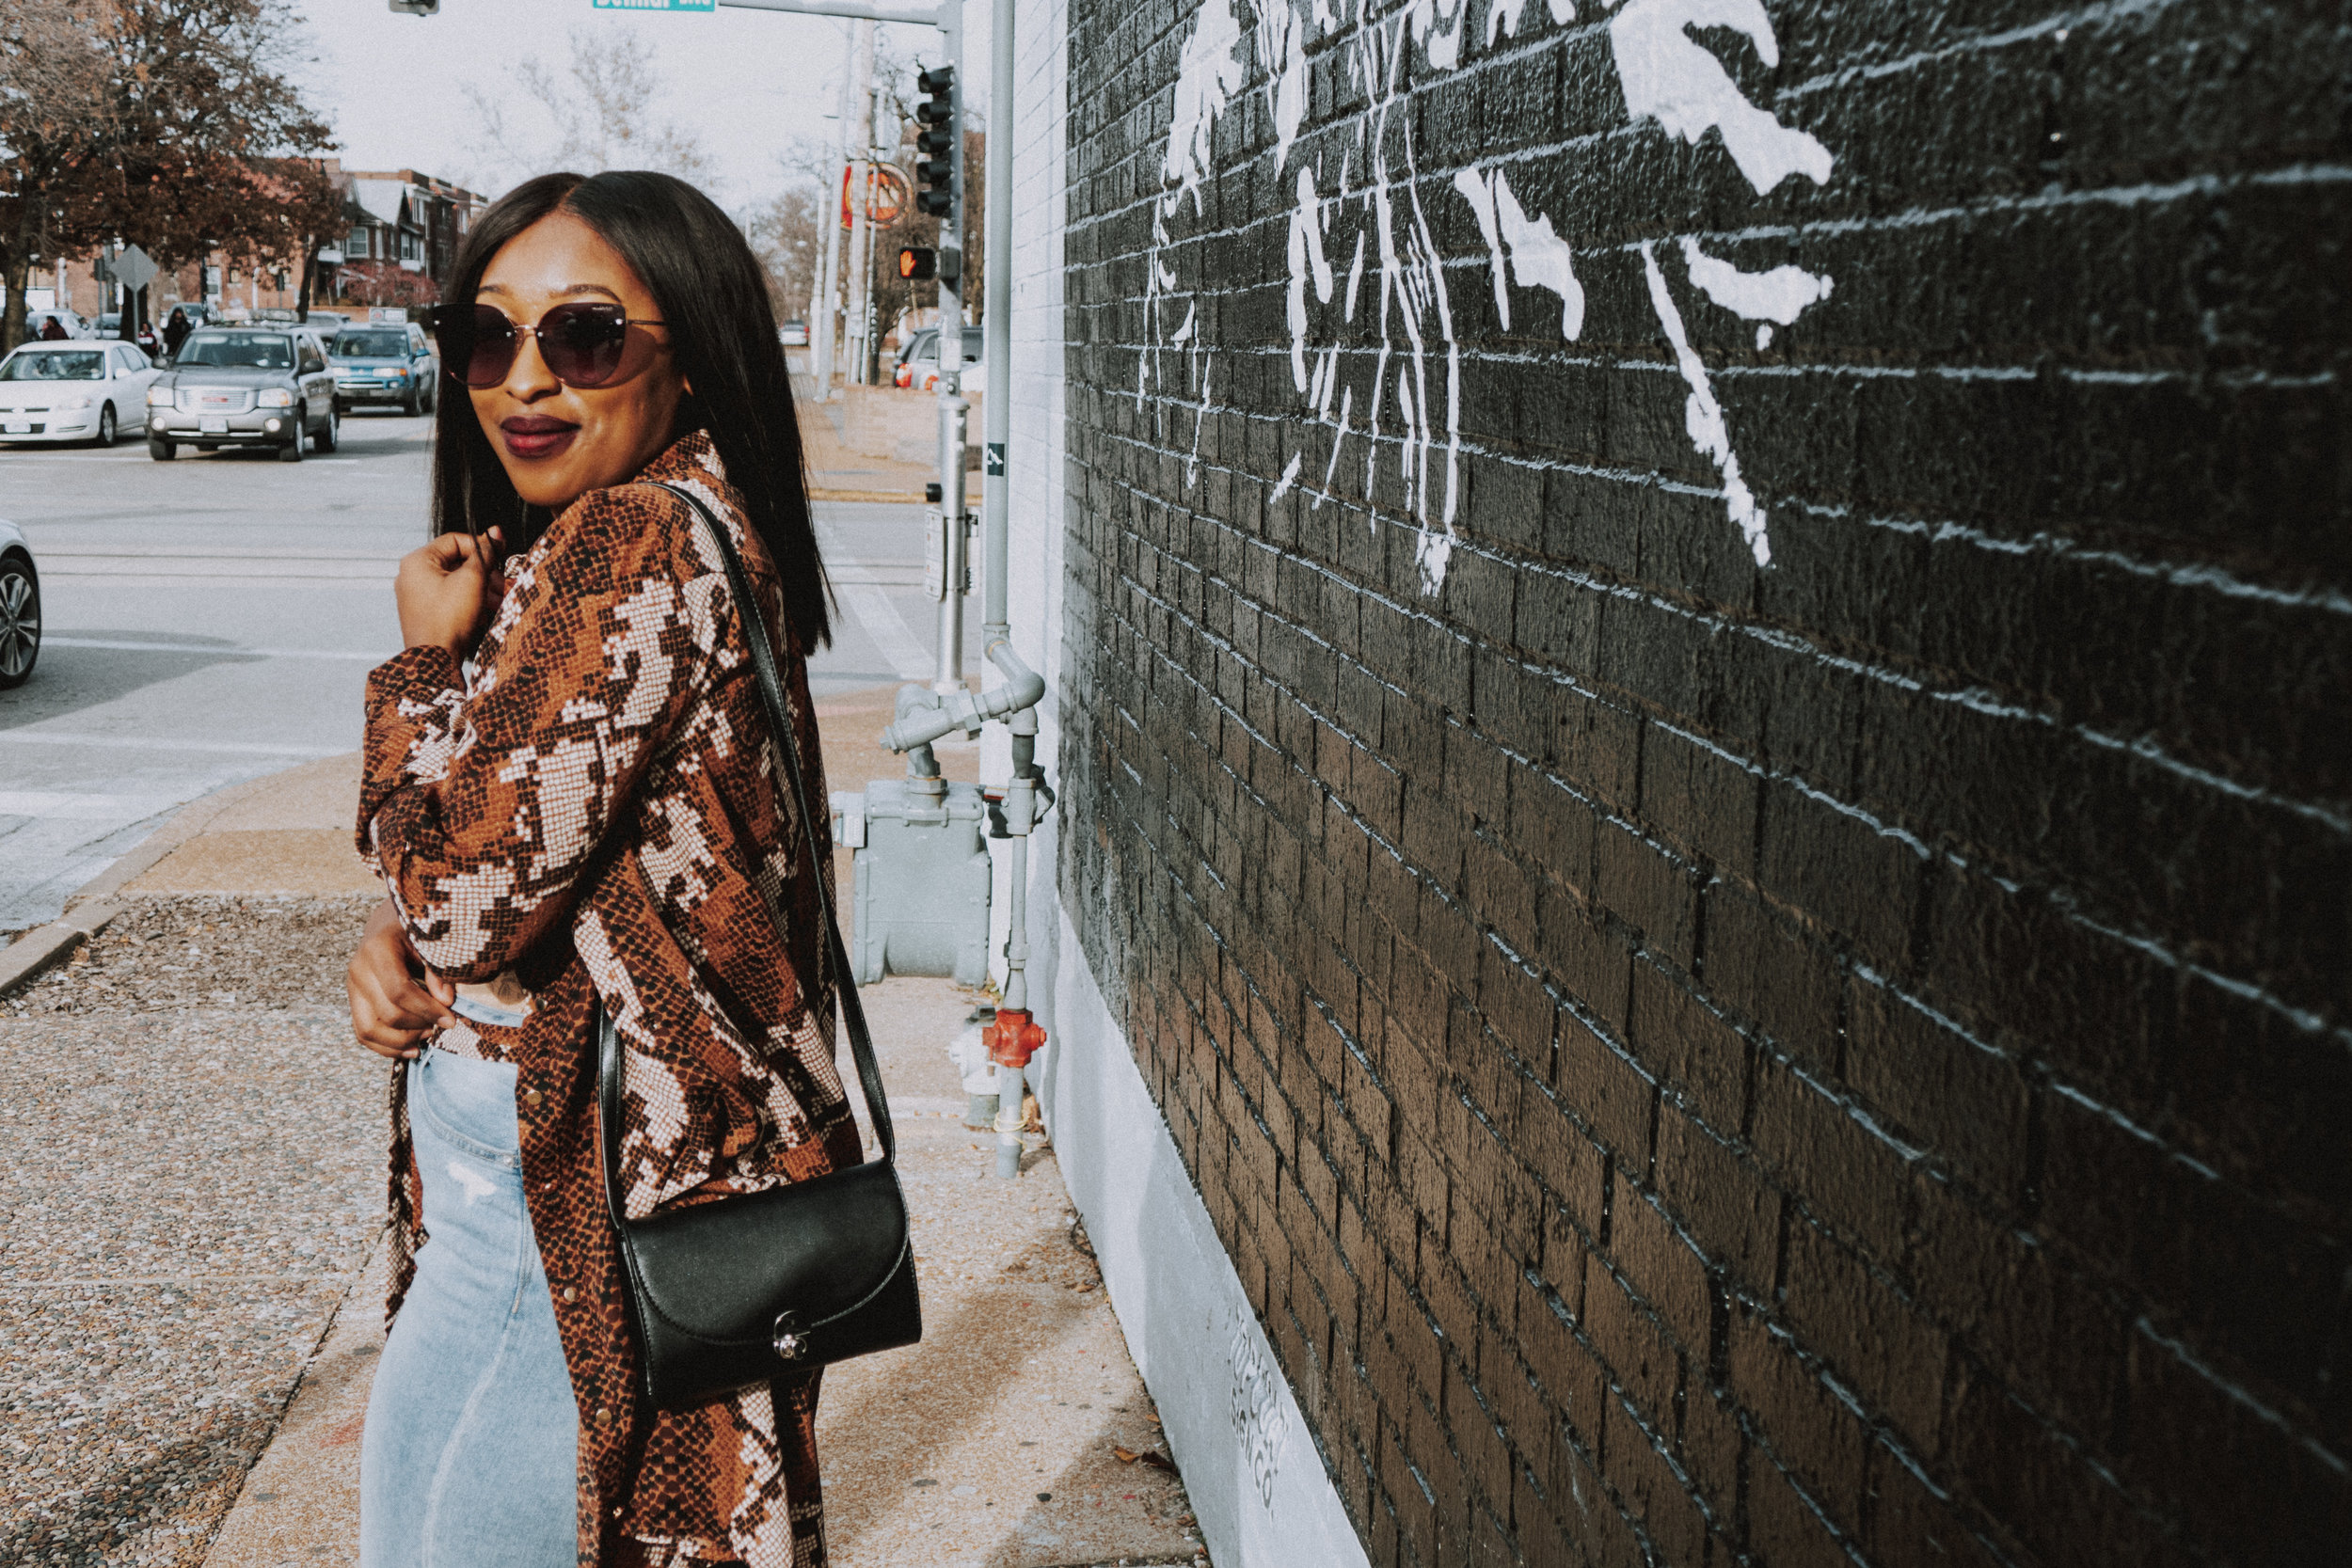 Snake Print trend, femmeluxefinery, silk shirt dress, shirt dress, 2019 fashion trends